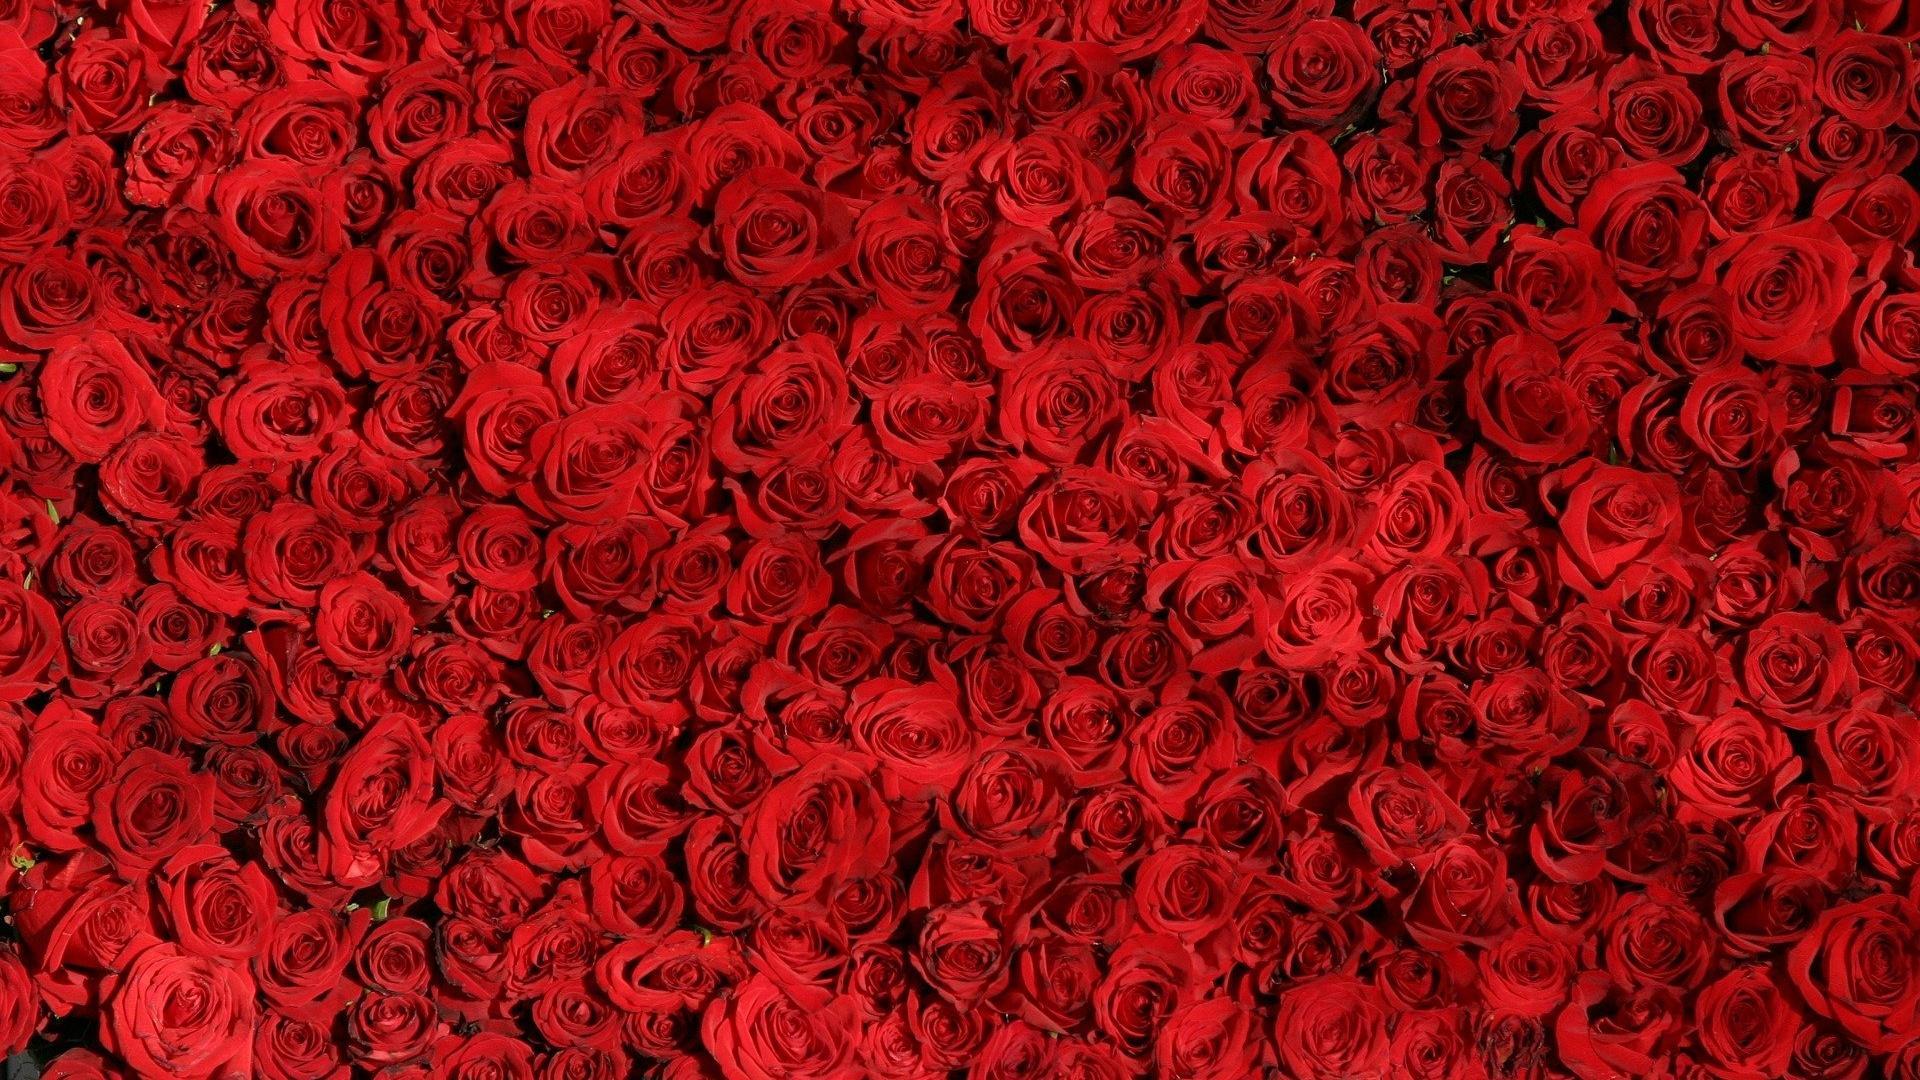 Rosen sind klassische Blumen für die Hochzeit